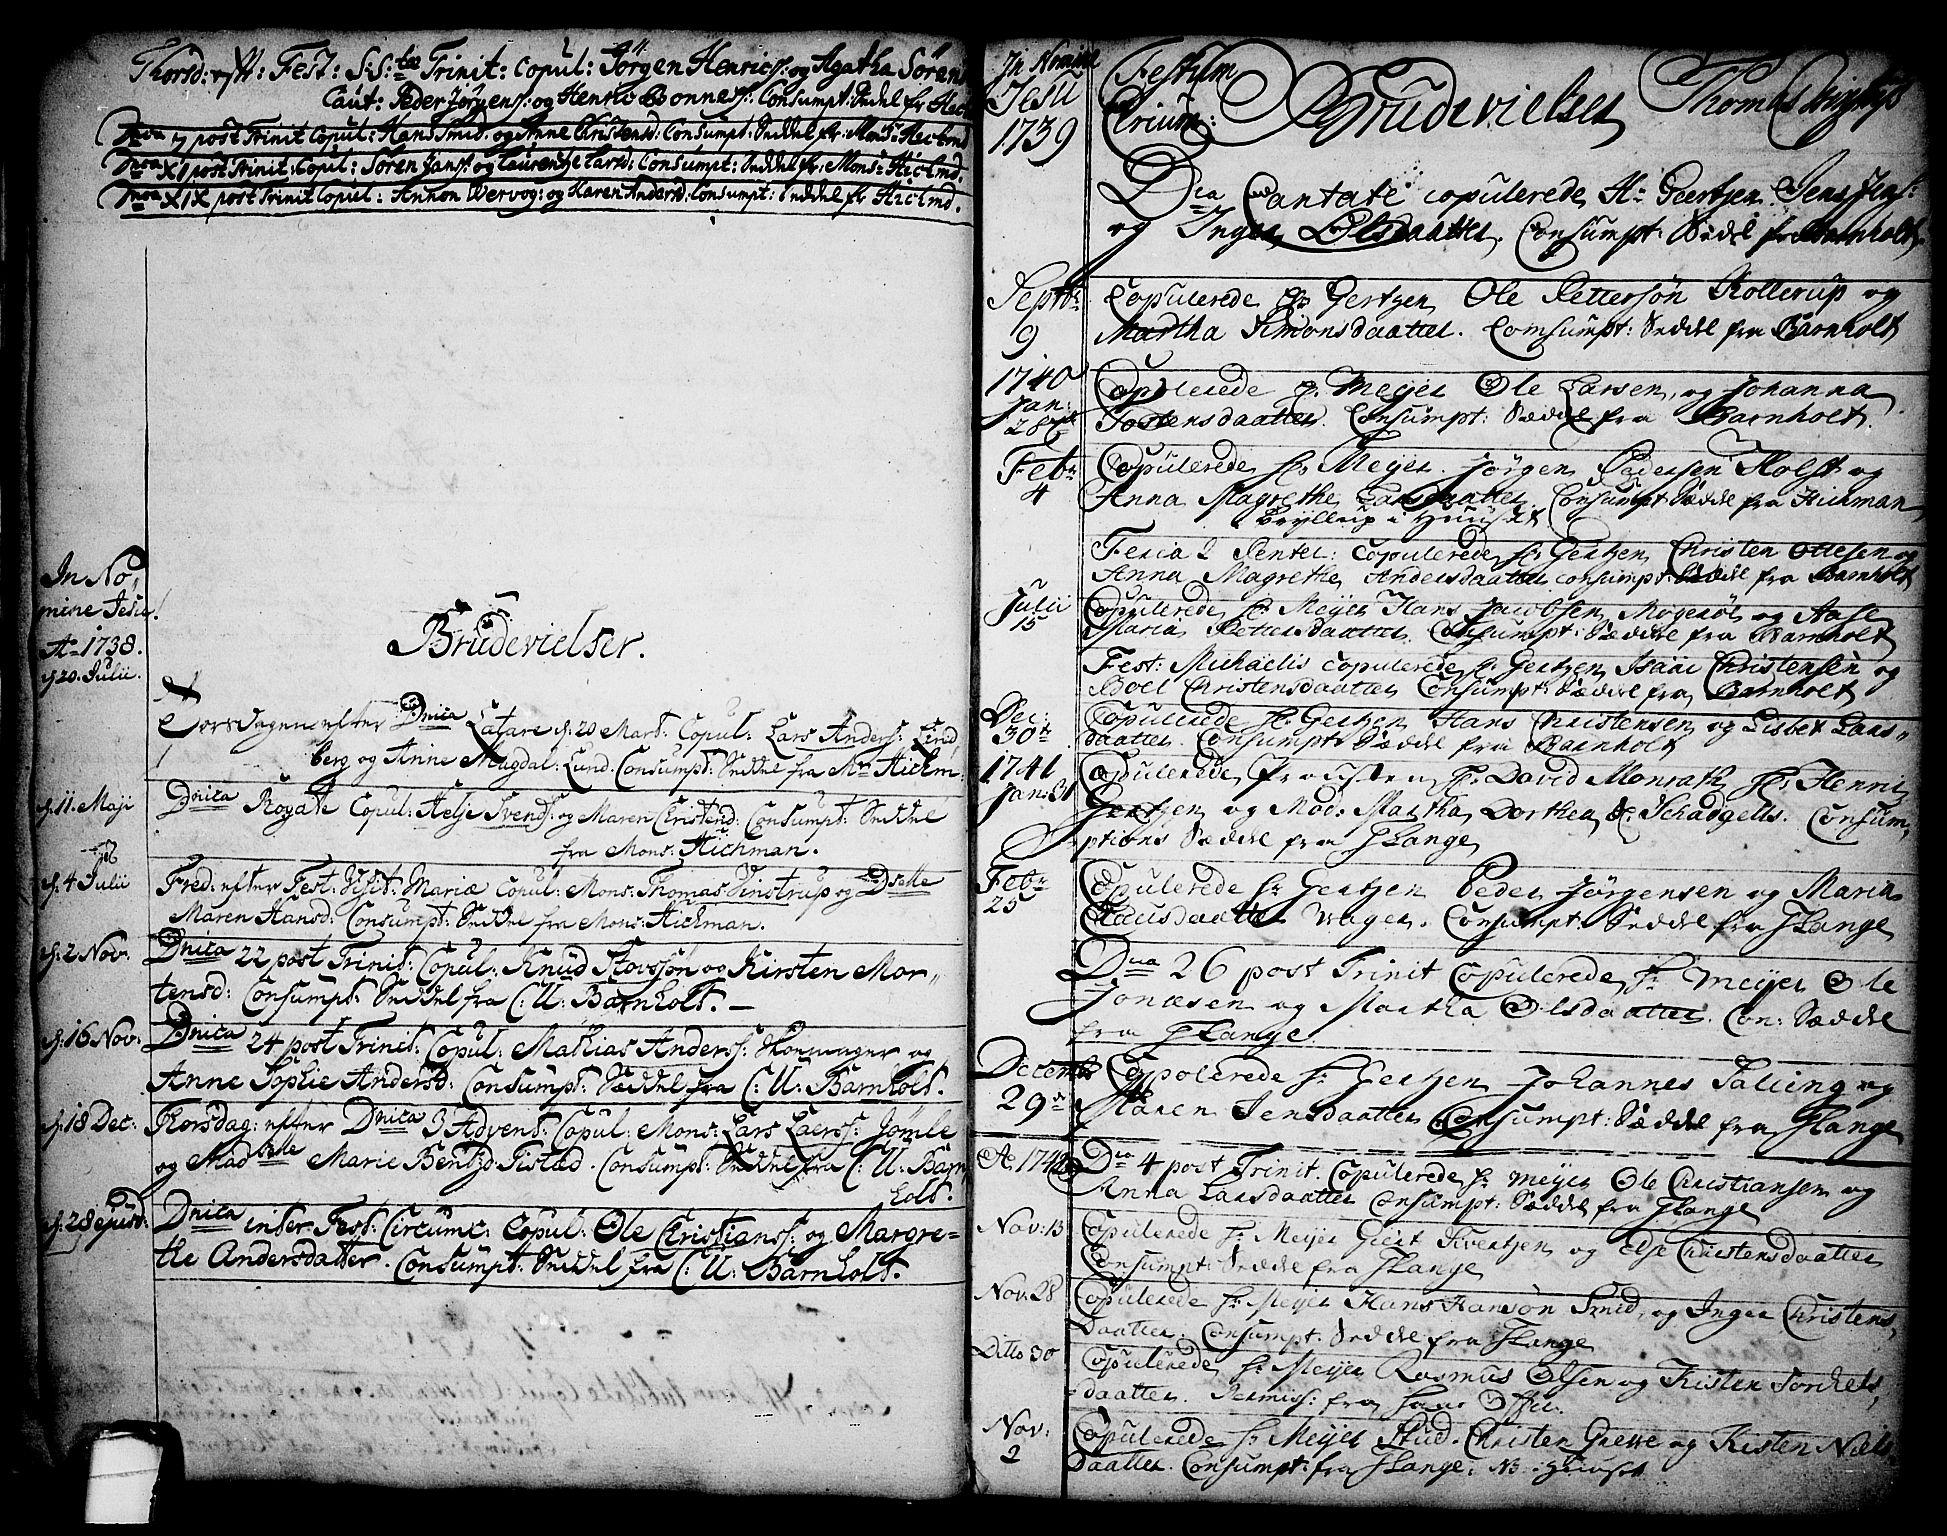 SAKO, Brevik kirkebøker, F/Fa/L0002: Ministerialbok nr. 2, 1720-1764, s. 15